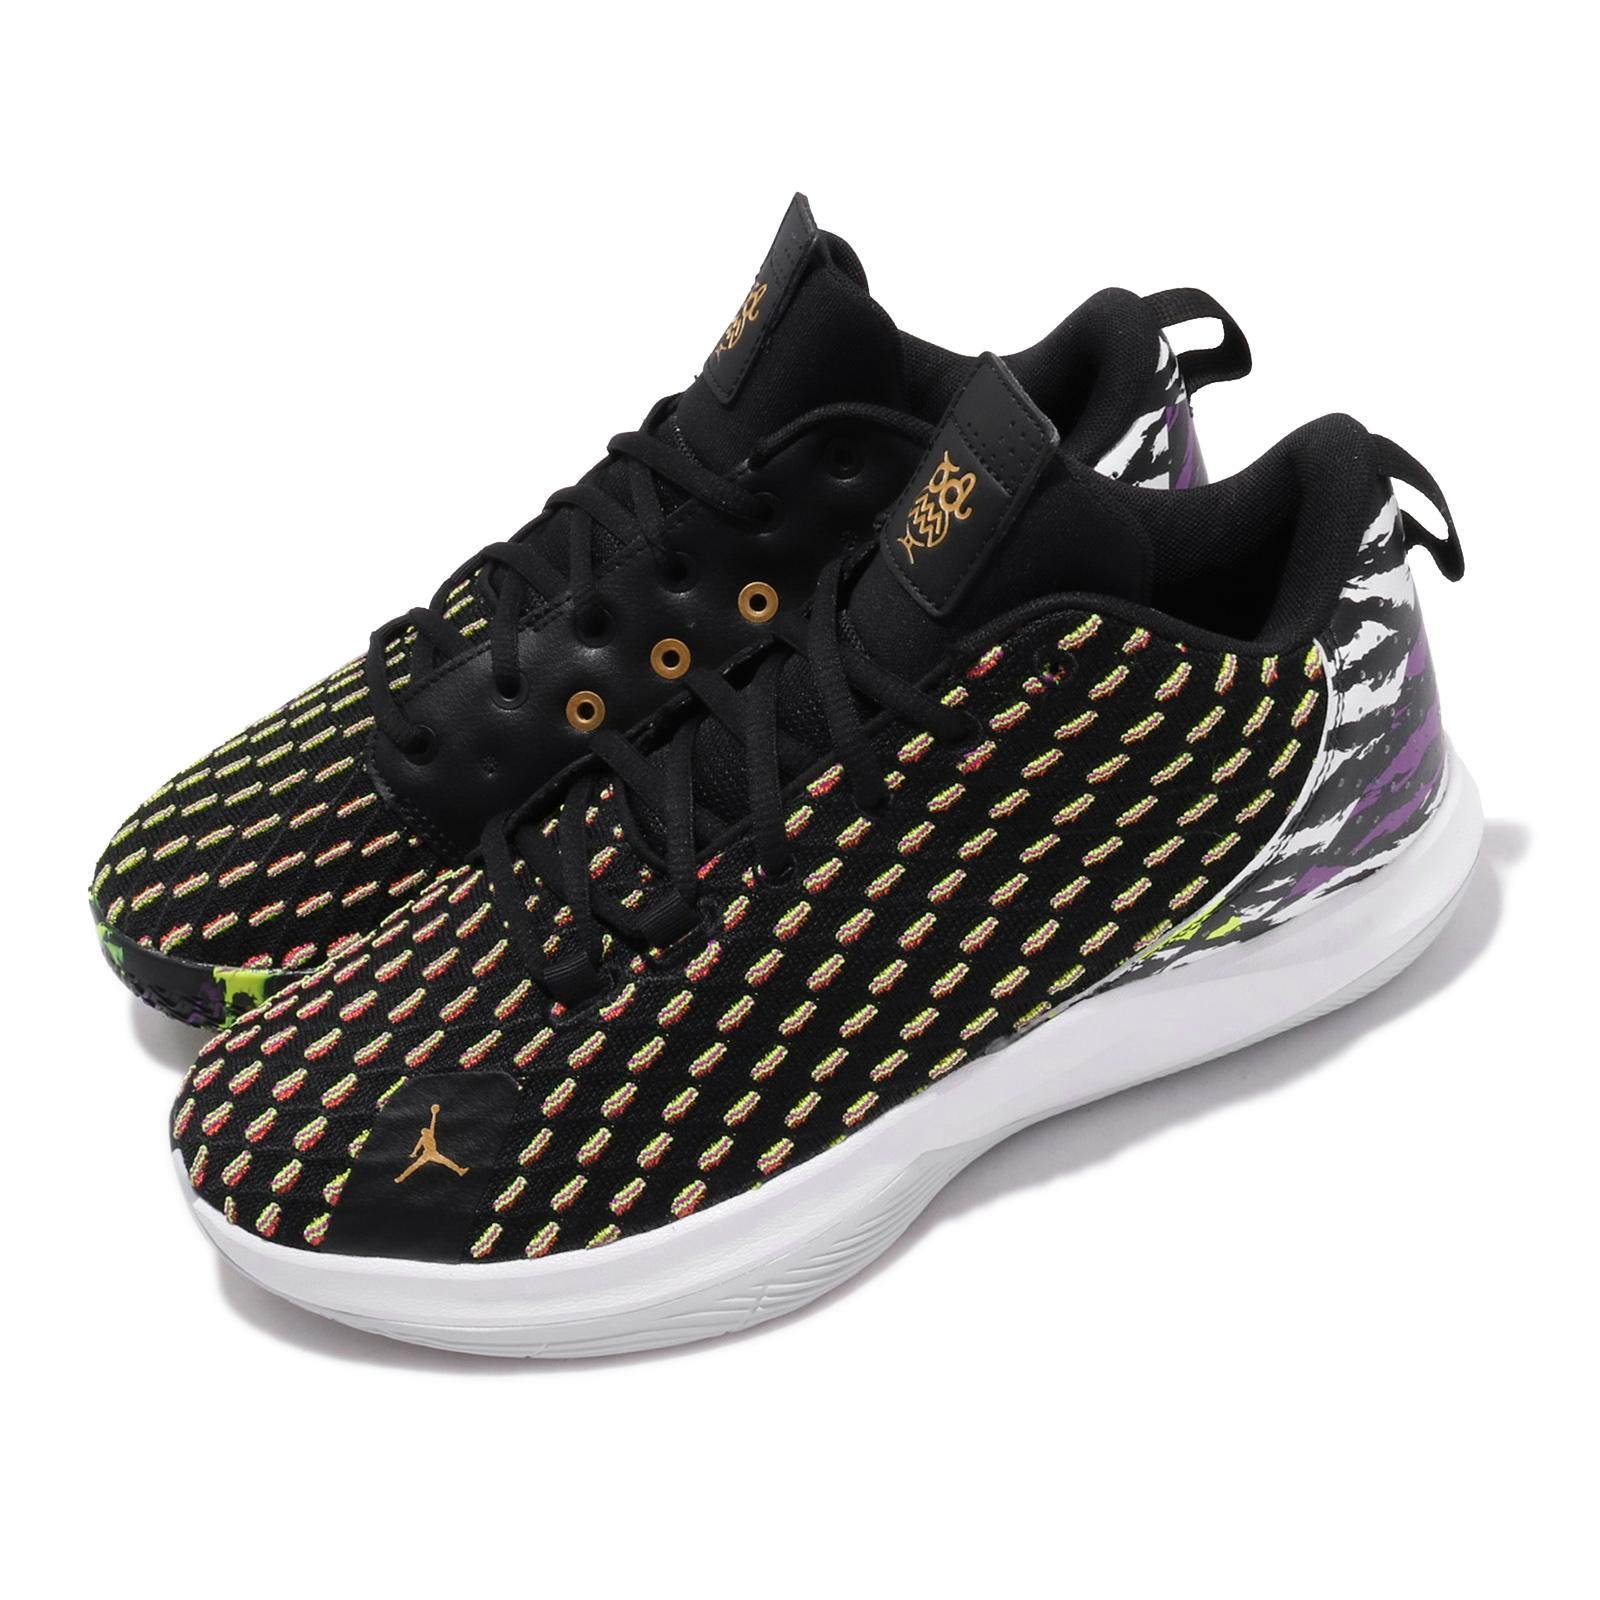 Nike Jordan CP3.XII PF 男鞋 CJ4275-007